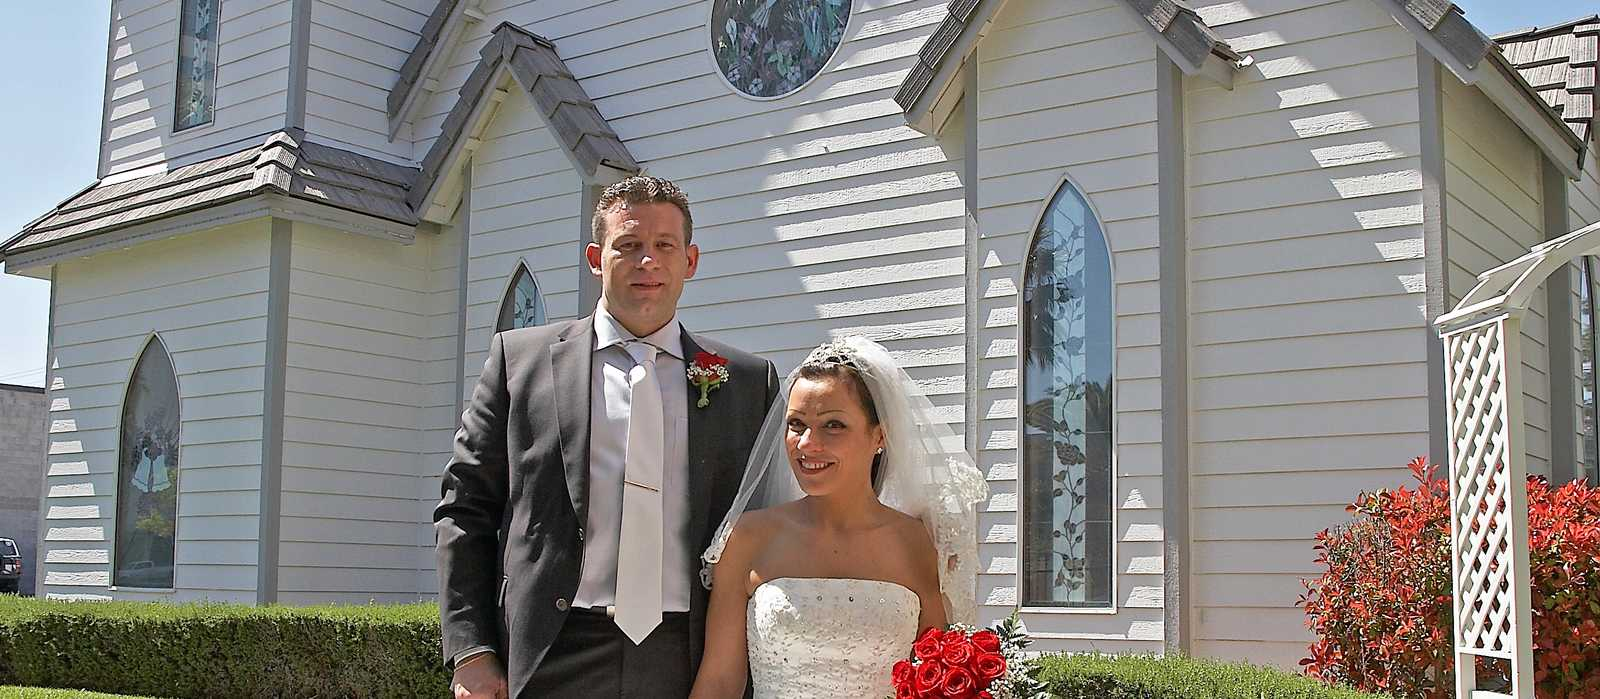 Brautpaar vor Hochzeitskapelle